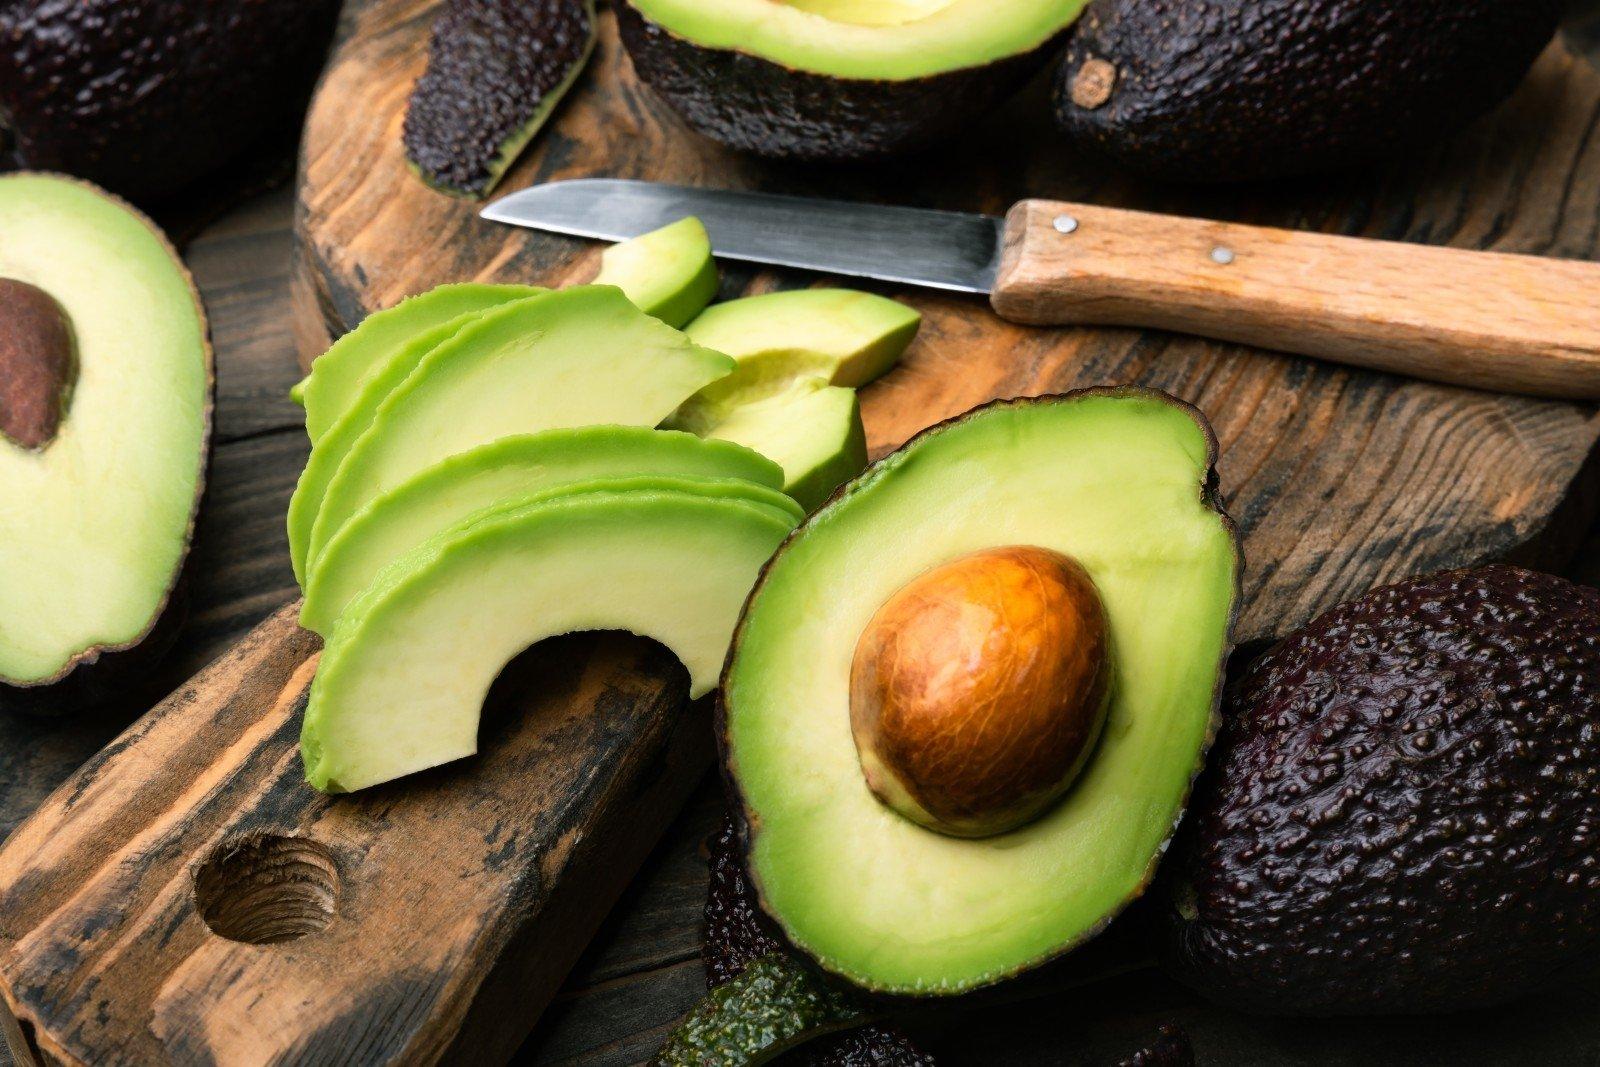 yra avokadas naudingas širdies sveikatai salius nuo hipertenzijos